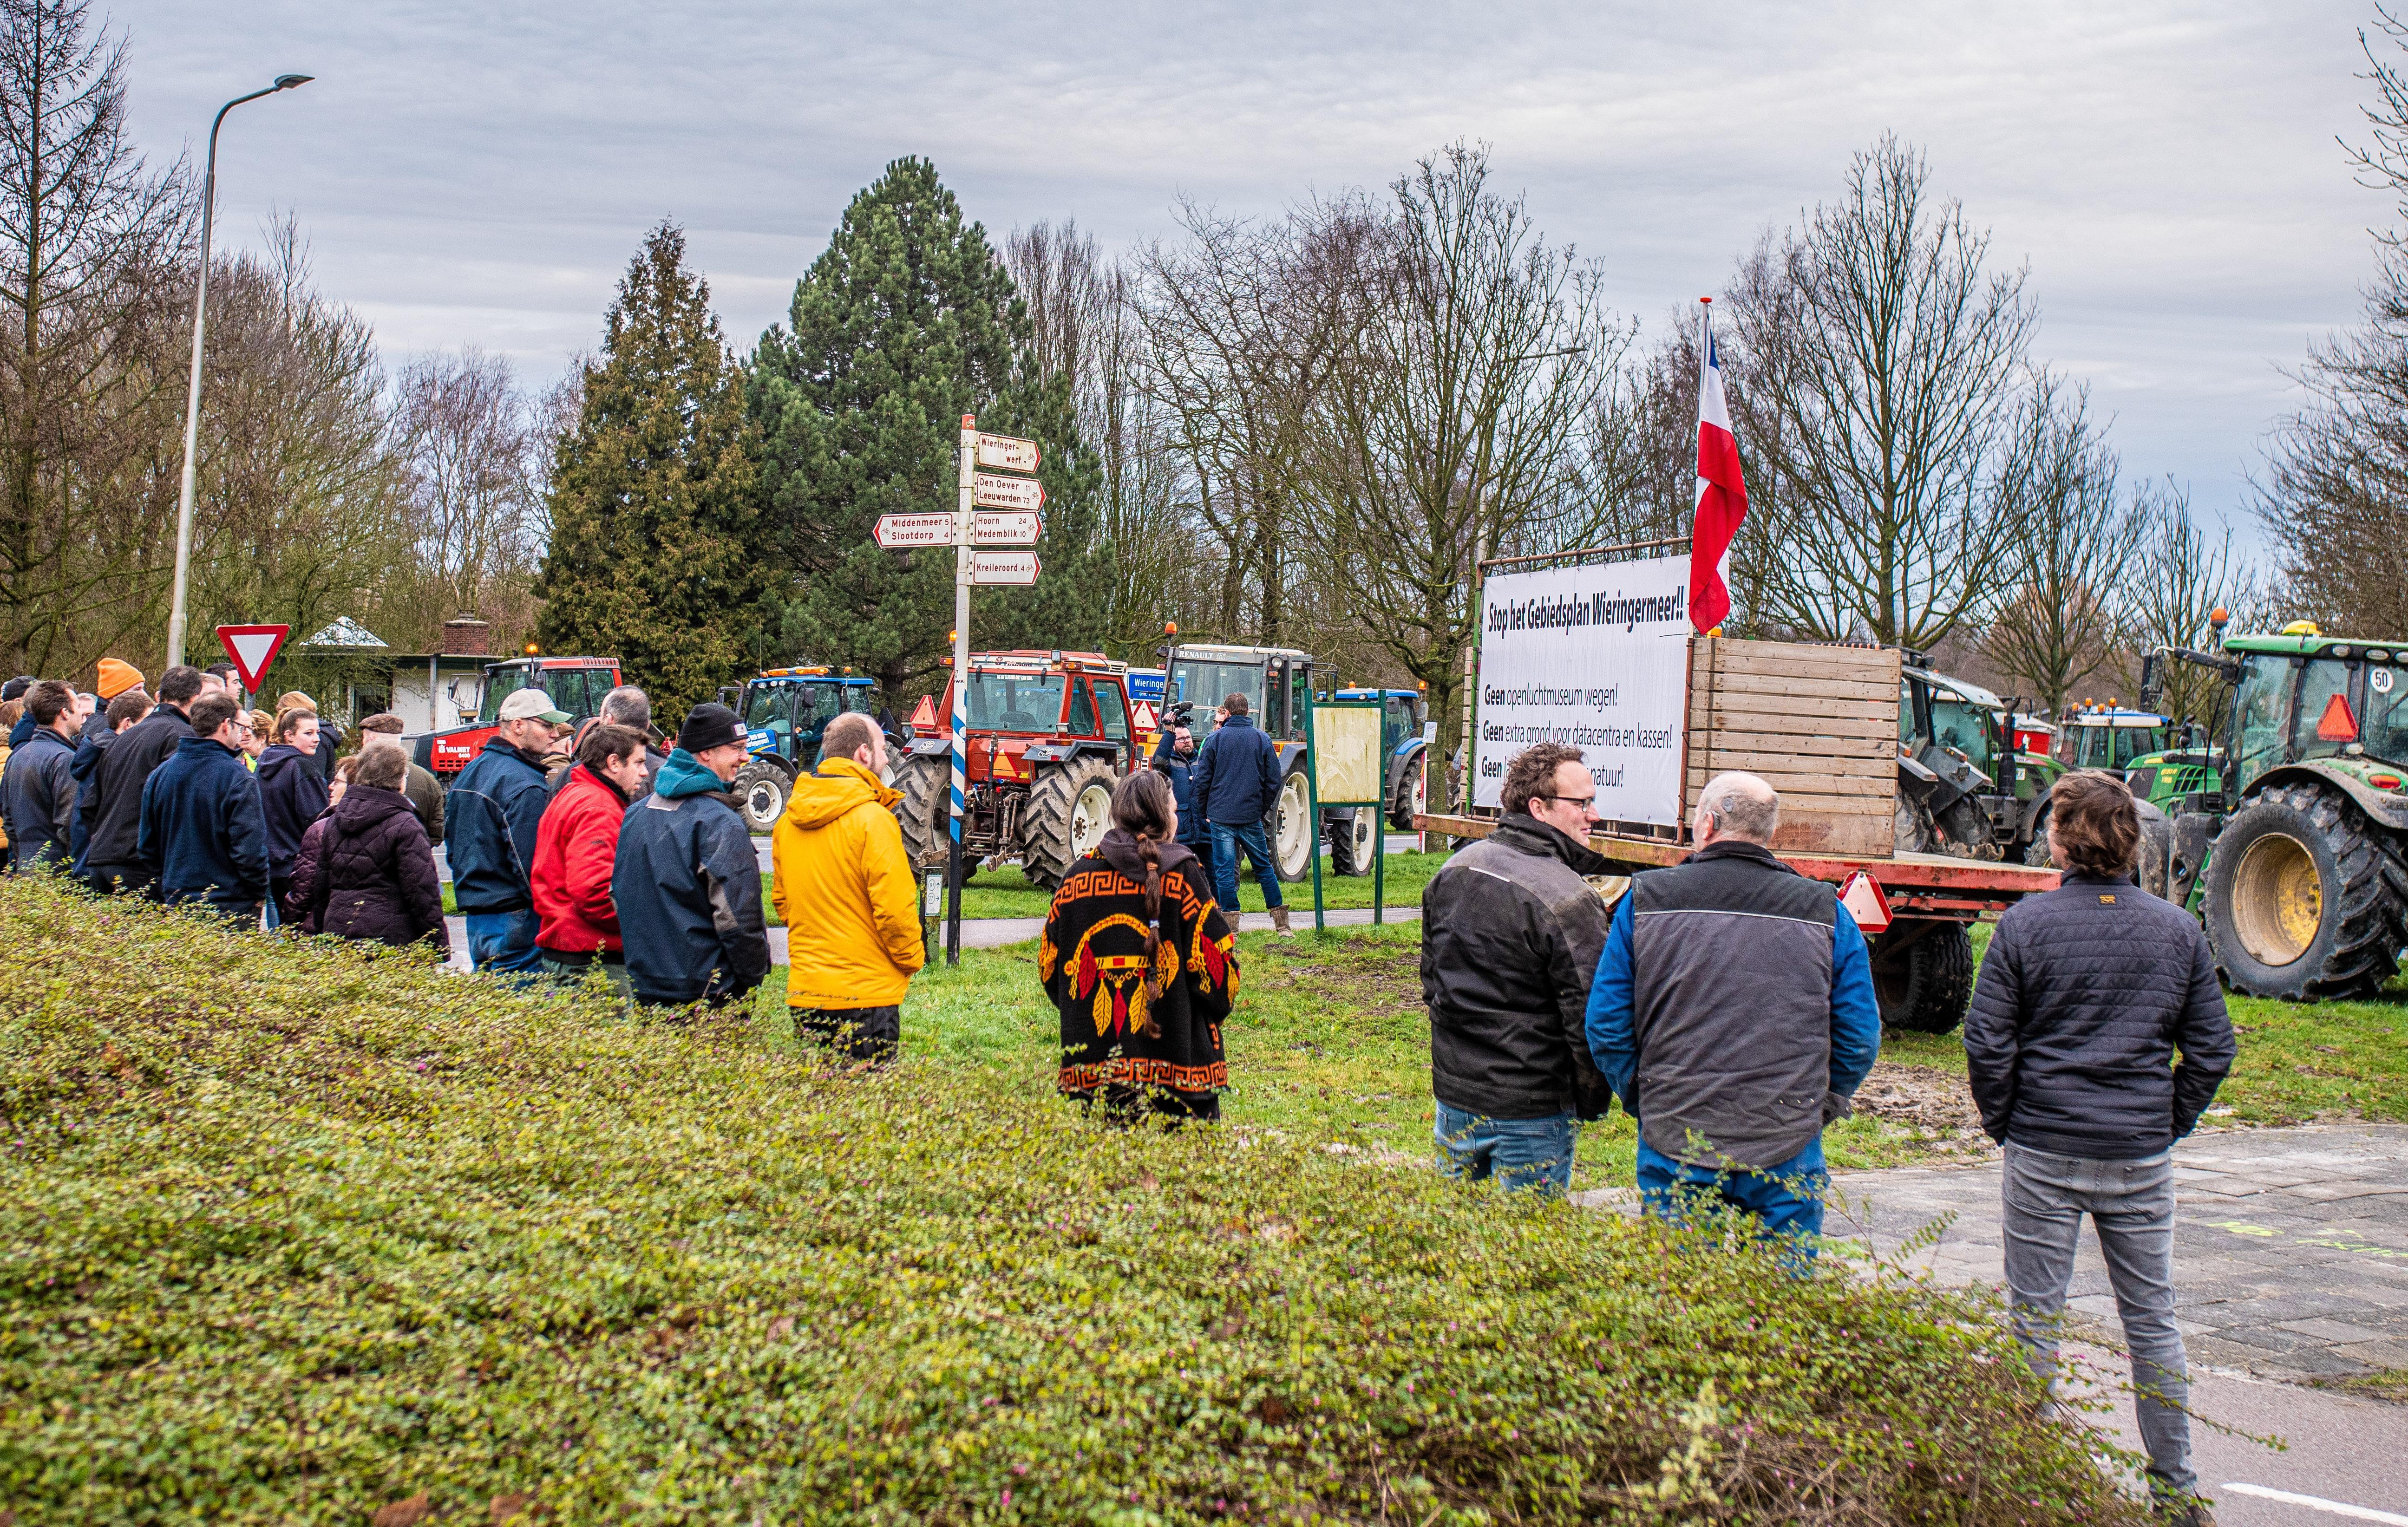 Hoeveel grond heeft de agrarische sector in Hollands Kroon nodig in de toekomst? Onderzoek bepaalt of er meer ruimte is voor datacenters